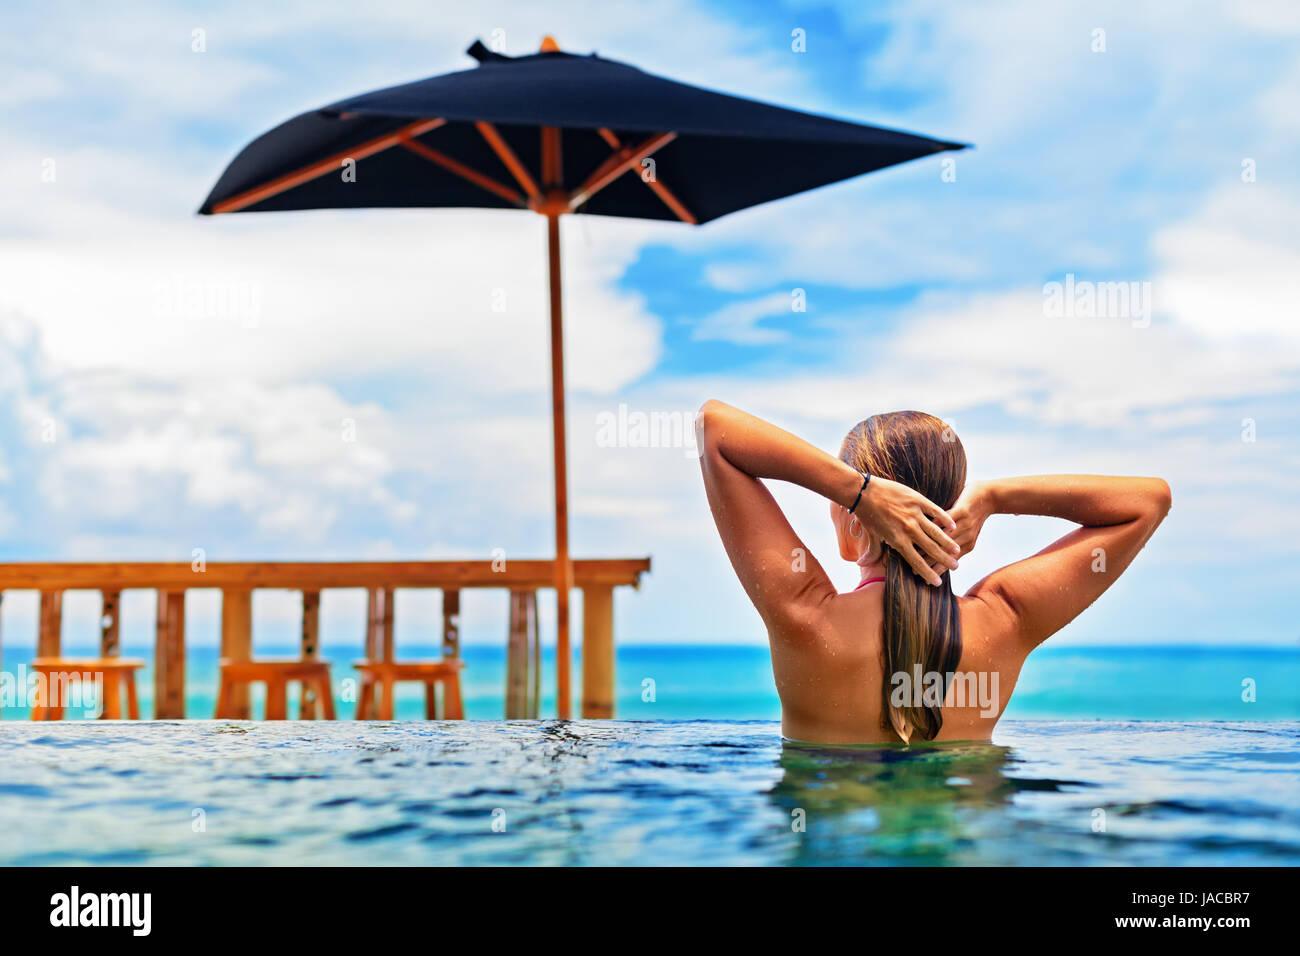 Giovane donna felice divertiti in piscina a sfioro con vista oceano surf. Ragazza positiva nuotare e rilassarsi Immagini Stock